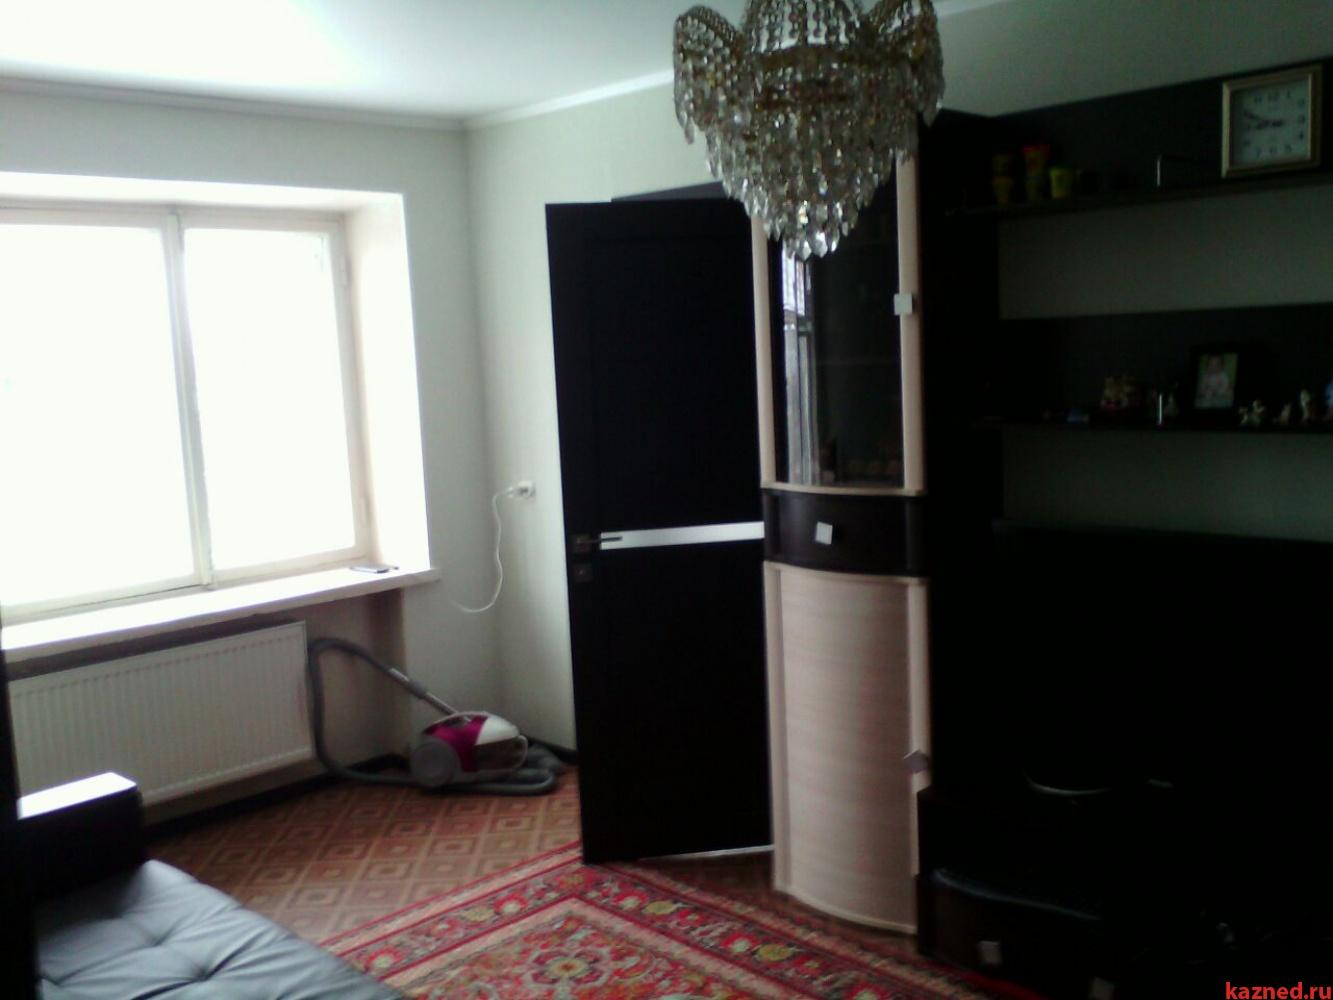 2 комнатная квартира на 5/5 кирпичного дома Горьковское шоссе,12 (миниатюра №3)